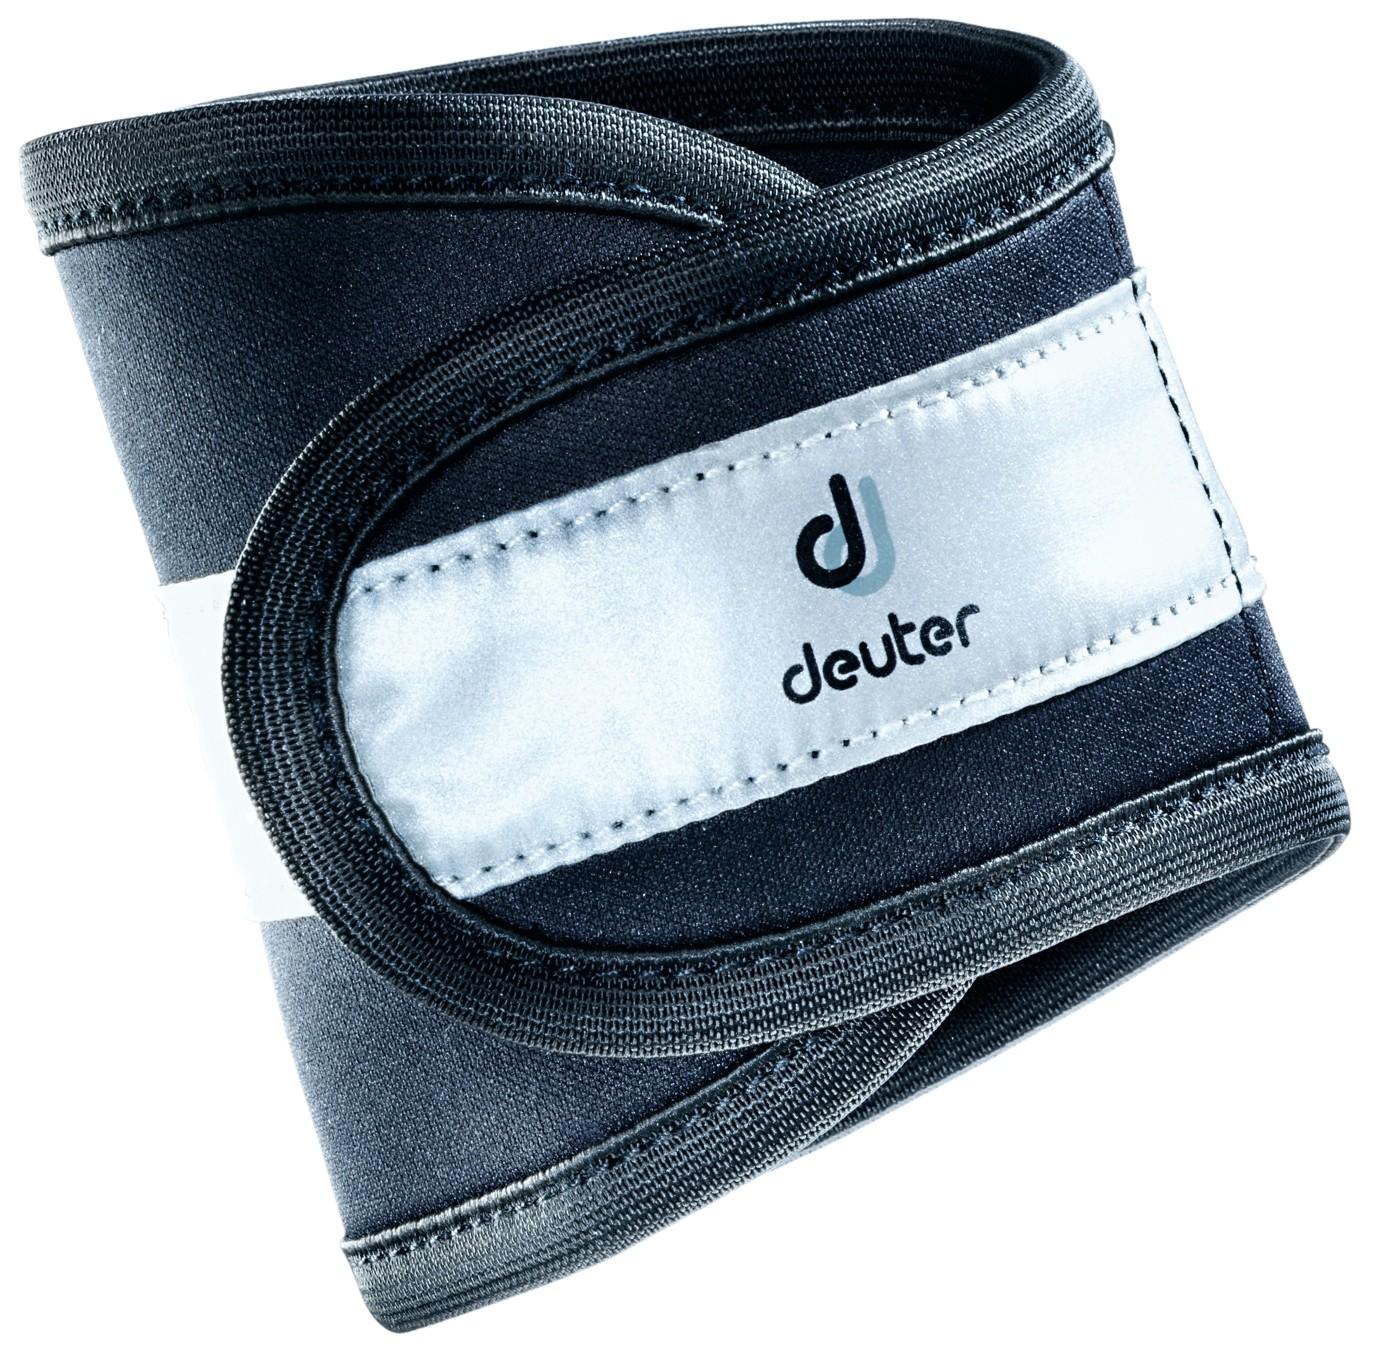 DEUTER Pants Protector Neo